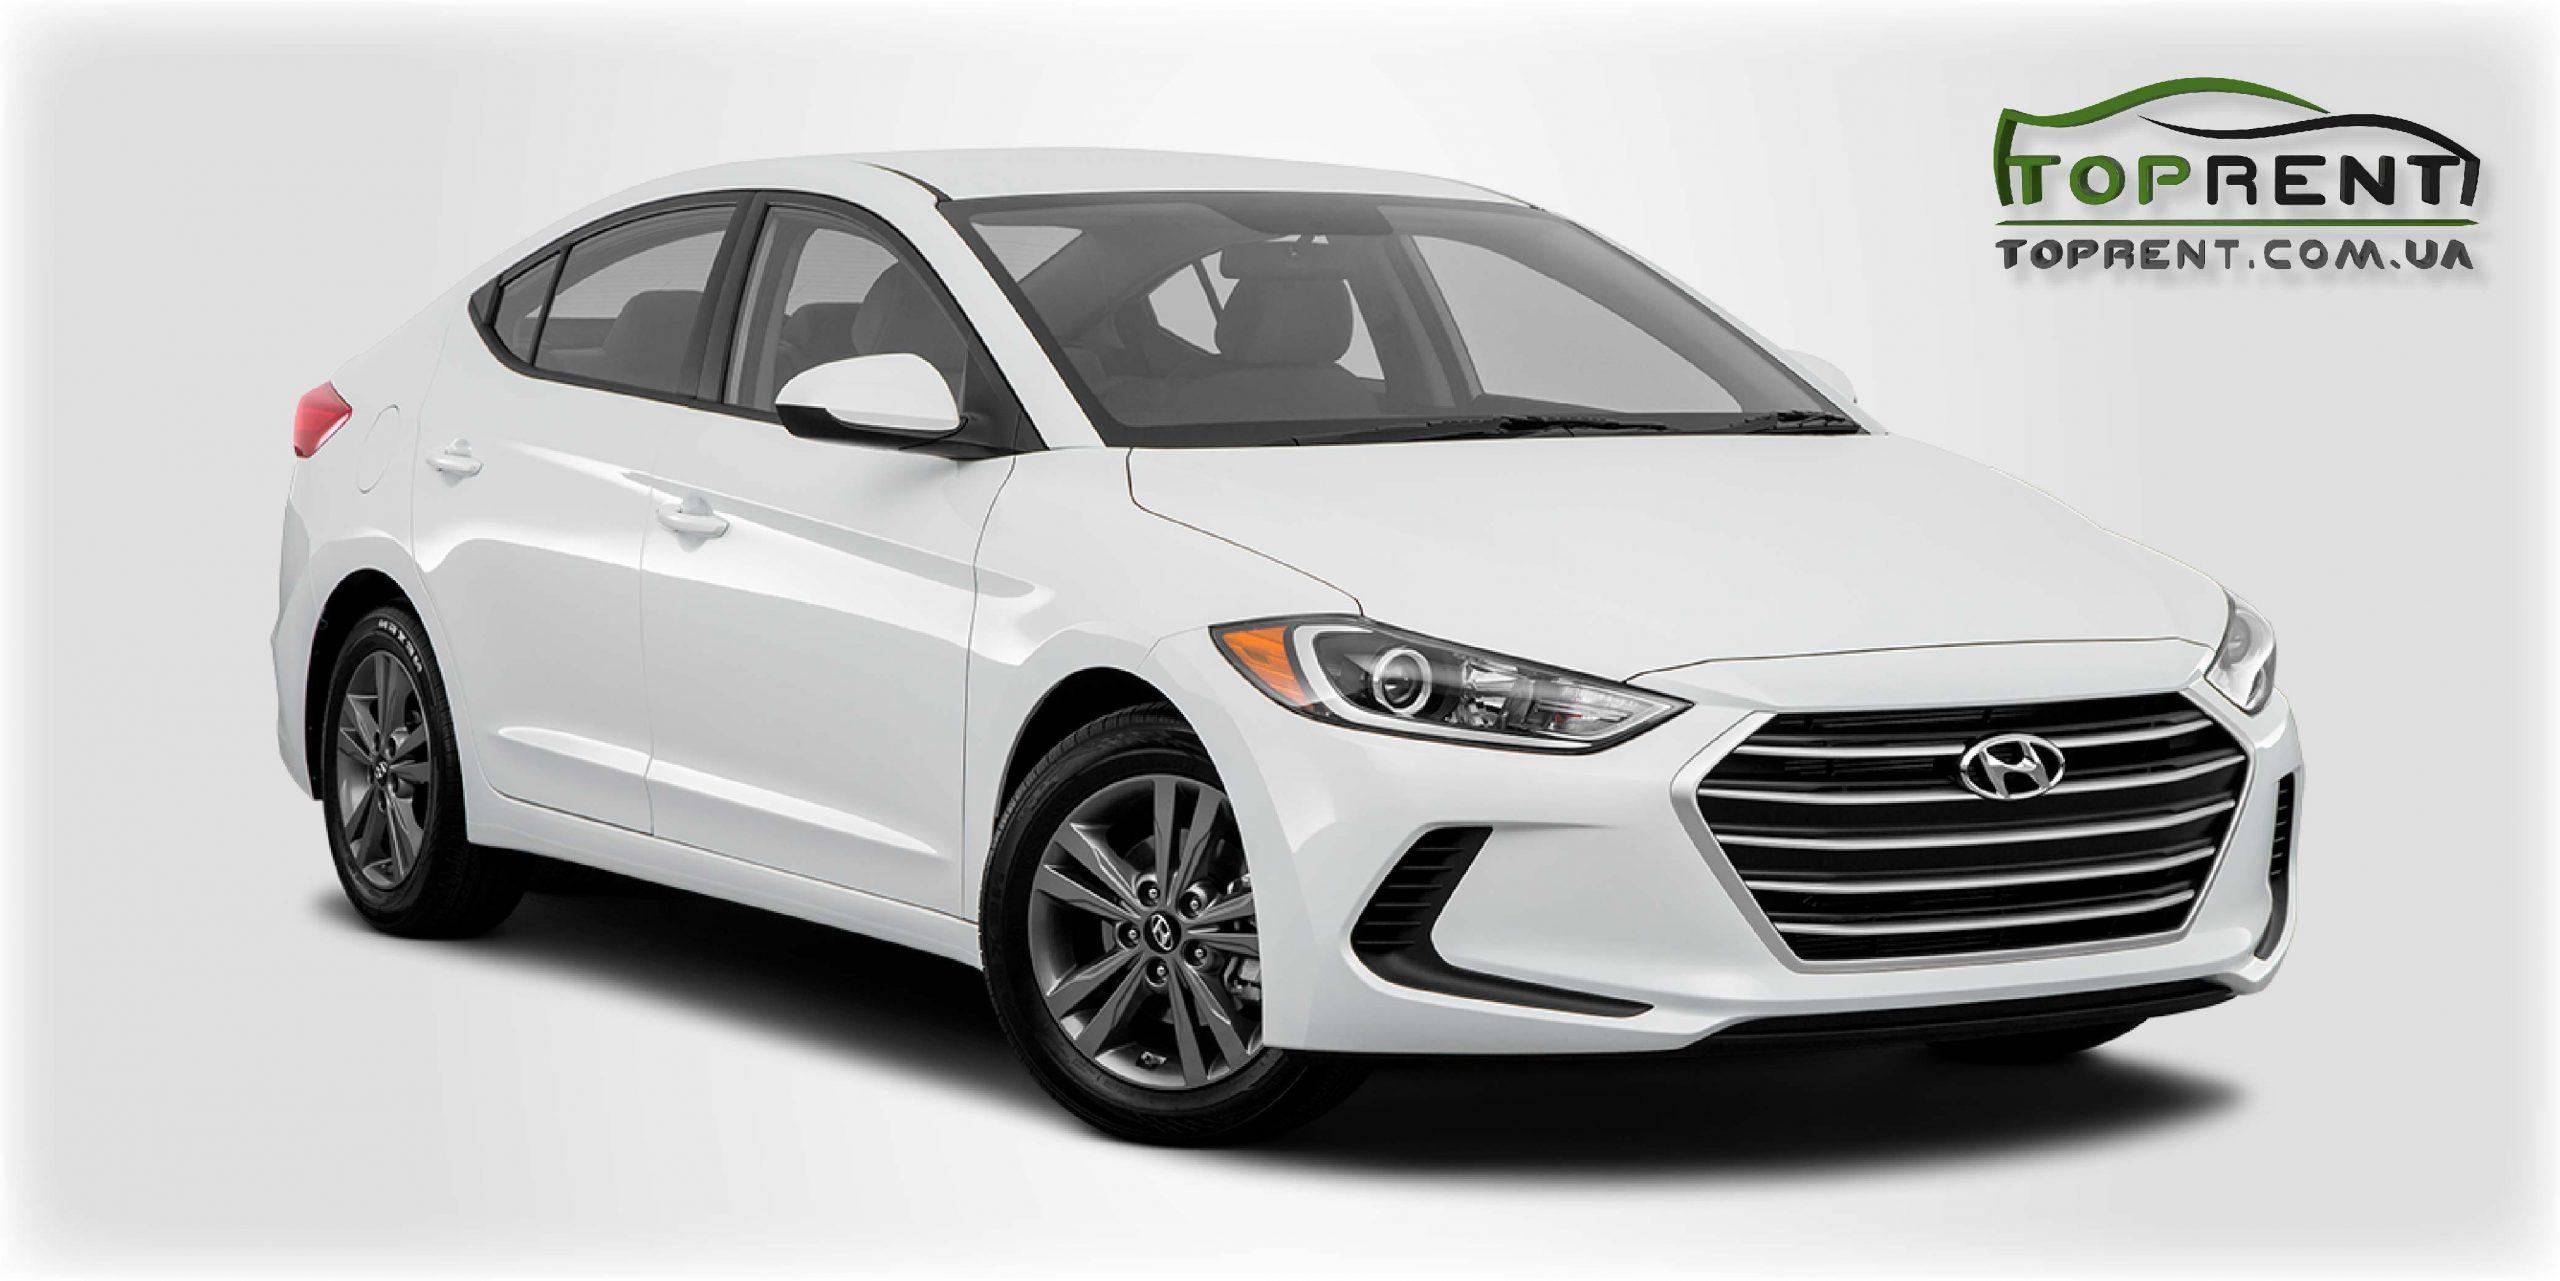 Прокат и аренда авто Hyundai Elantra 2017 - фото 2 | TOPrent.ua